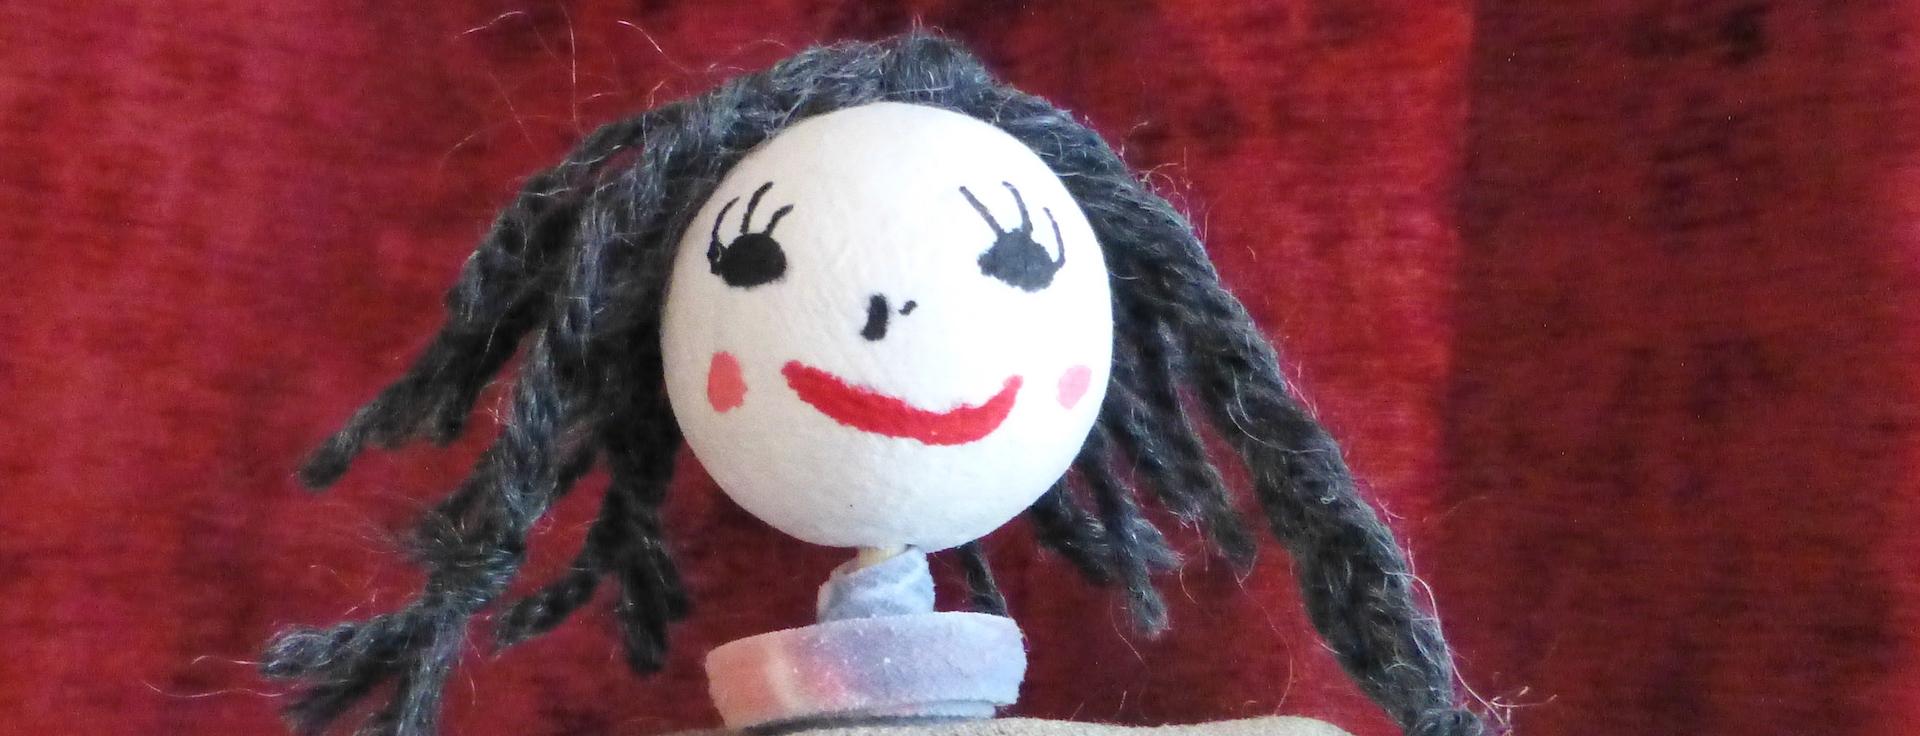 Atelier_Amarante_creation-marionnette